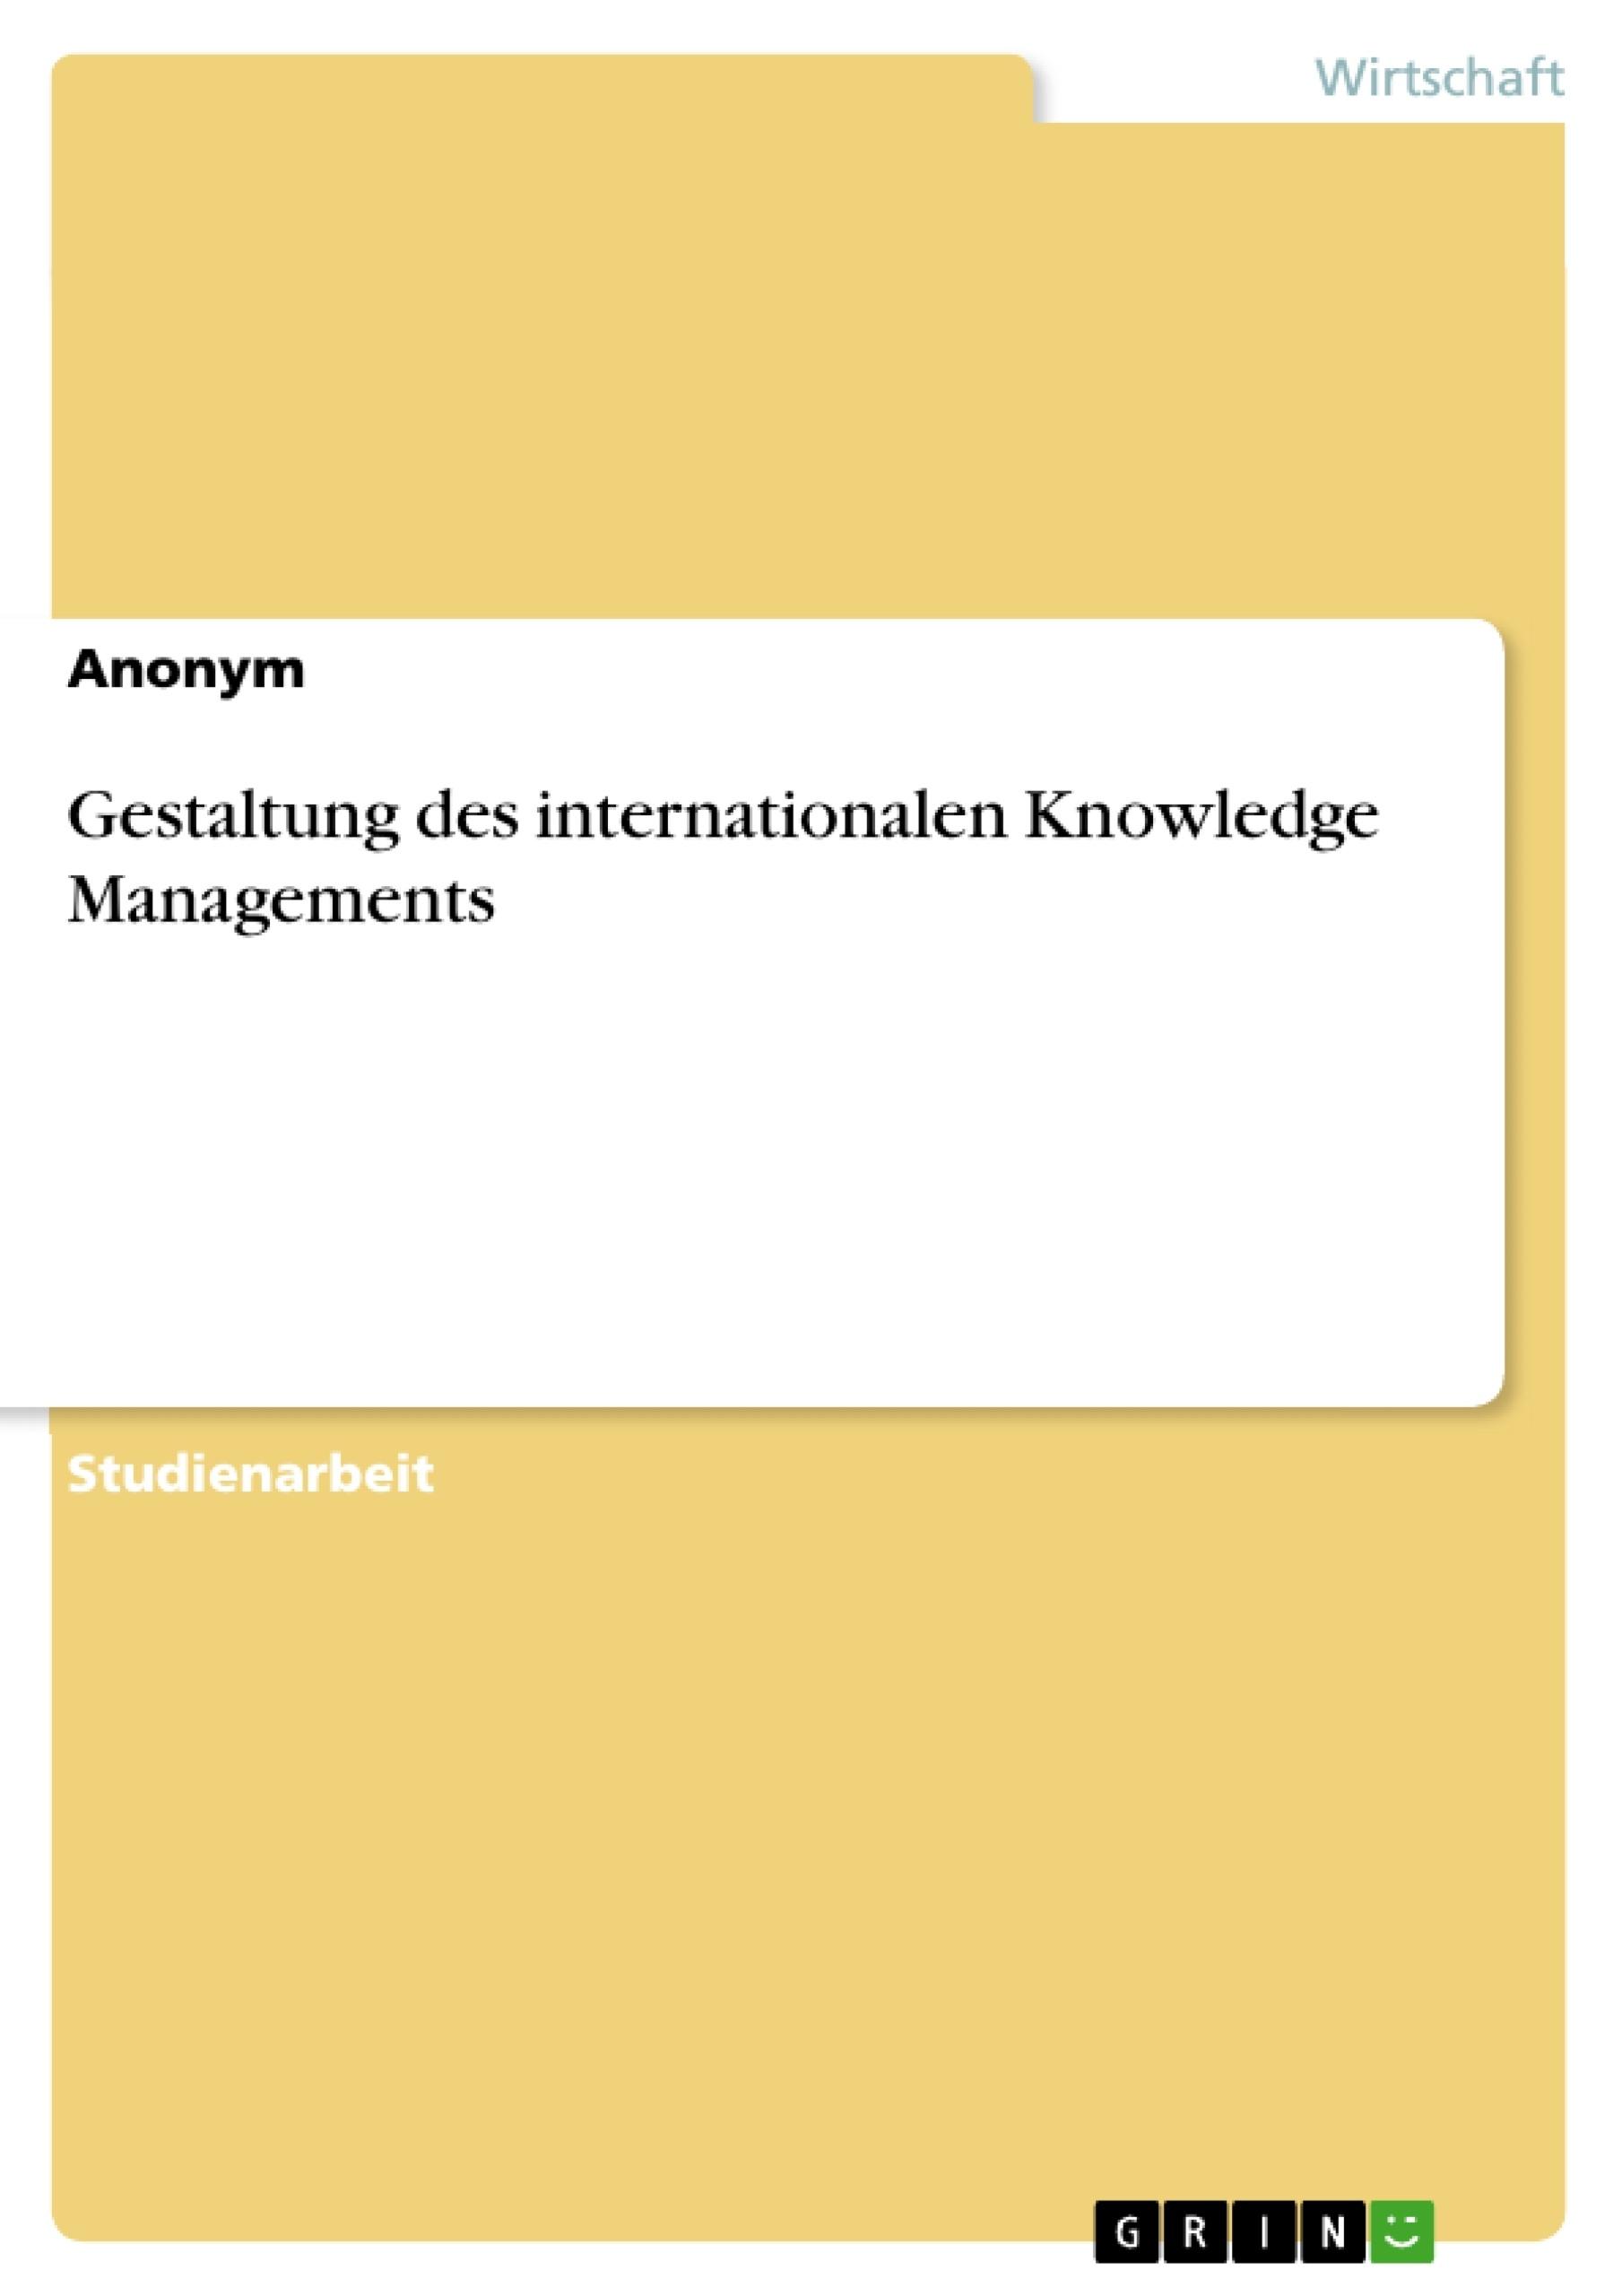 Titel: Gestaltung des internationalen Knowledge Managements